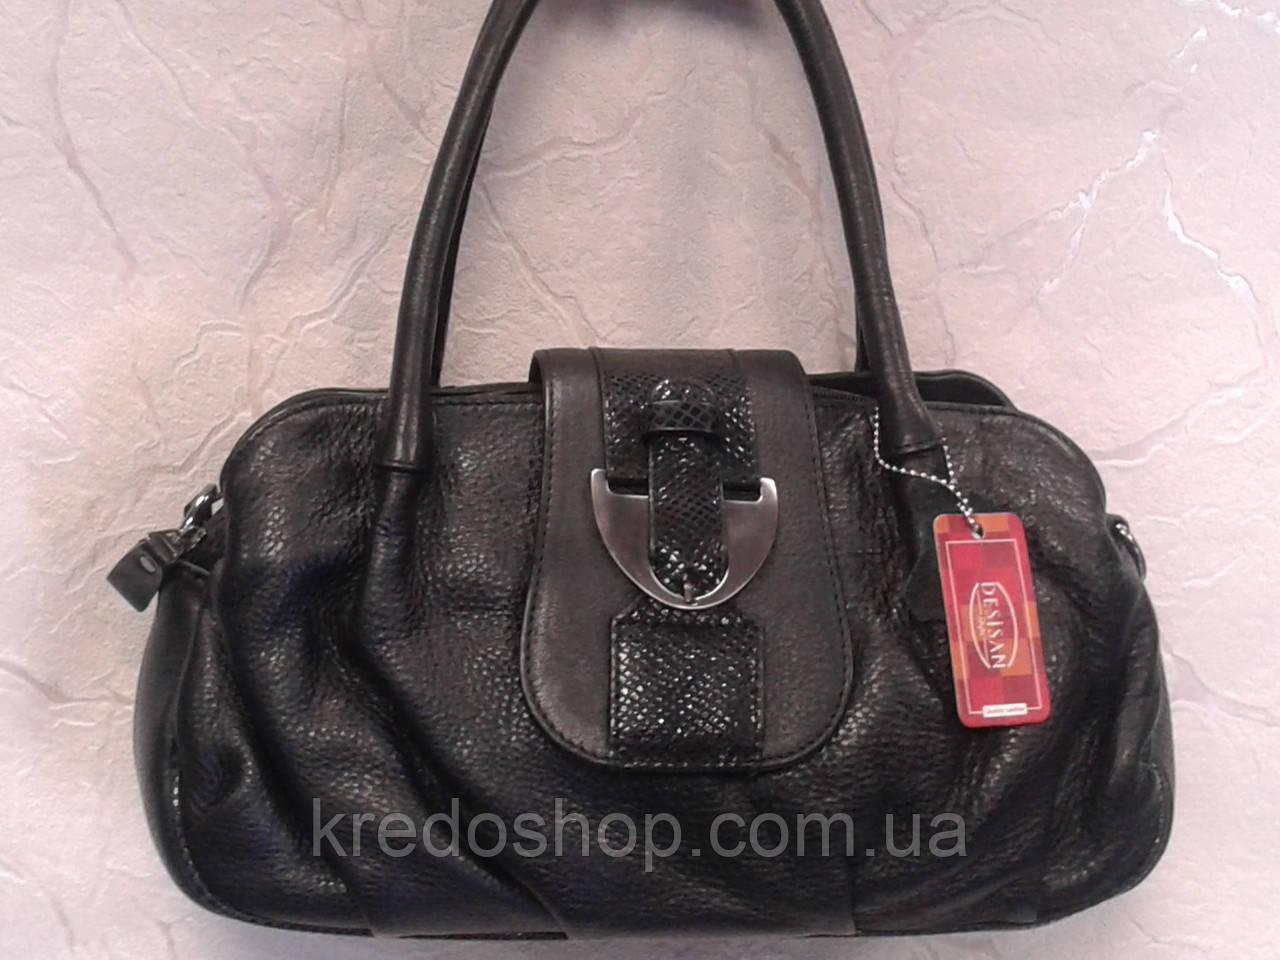 9ca0a1553fd0 Сумка женская кожаная черная фирмы Desisan(Турция) - Интернет-магазин сумок  и аксессуаров